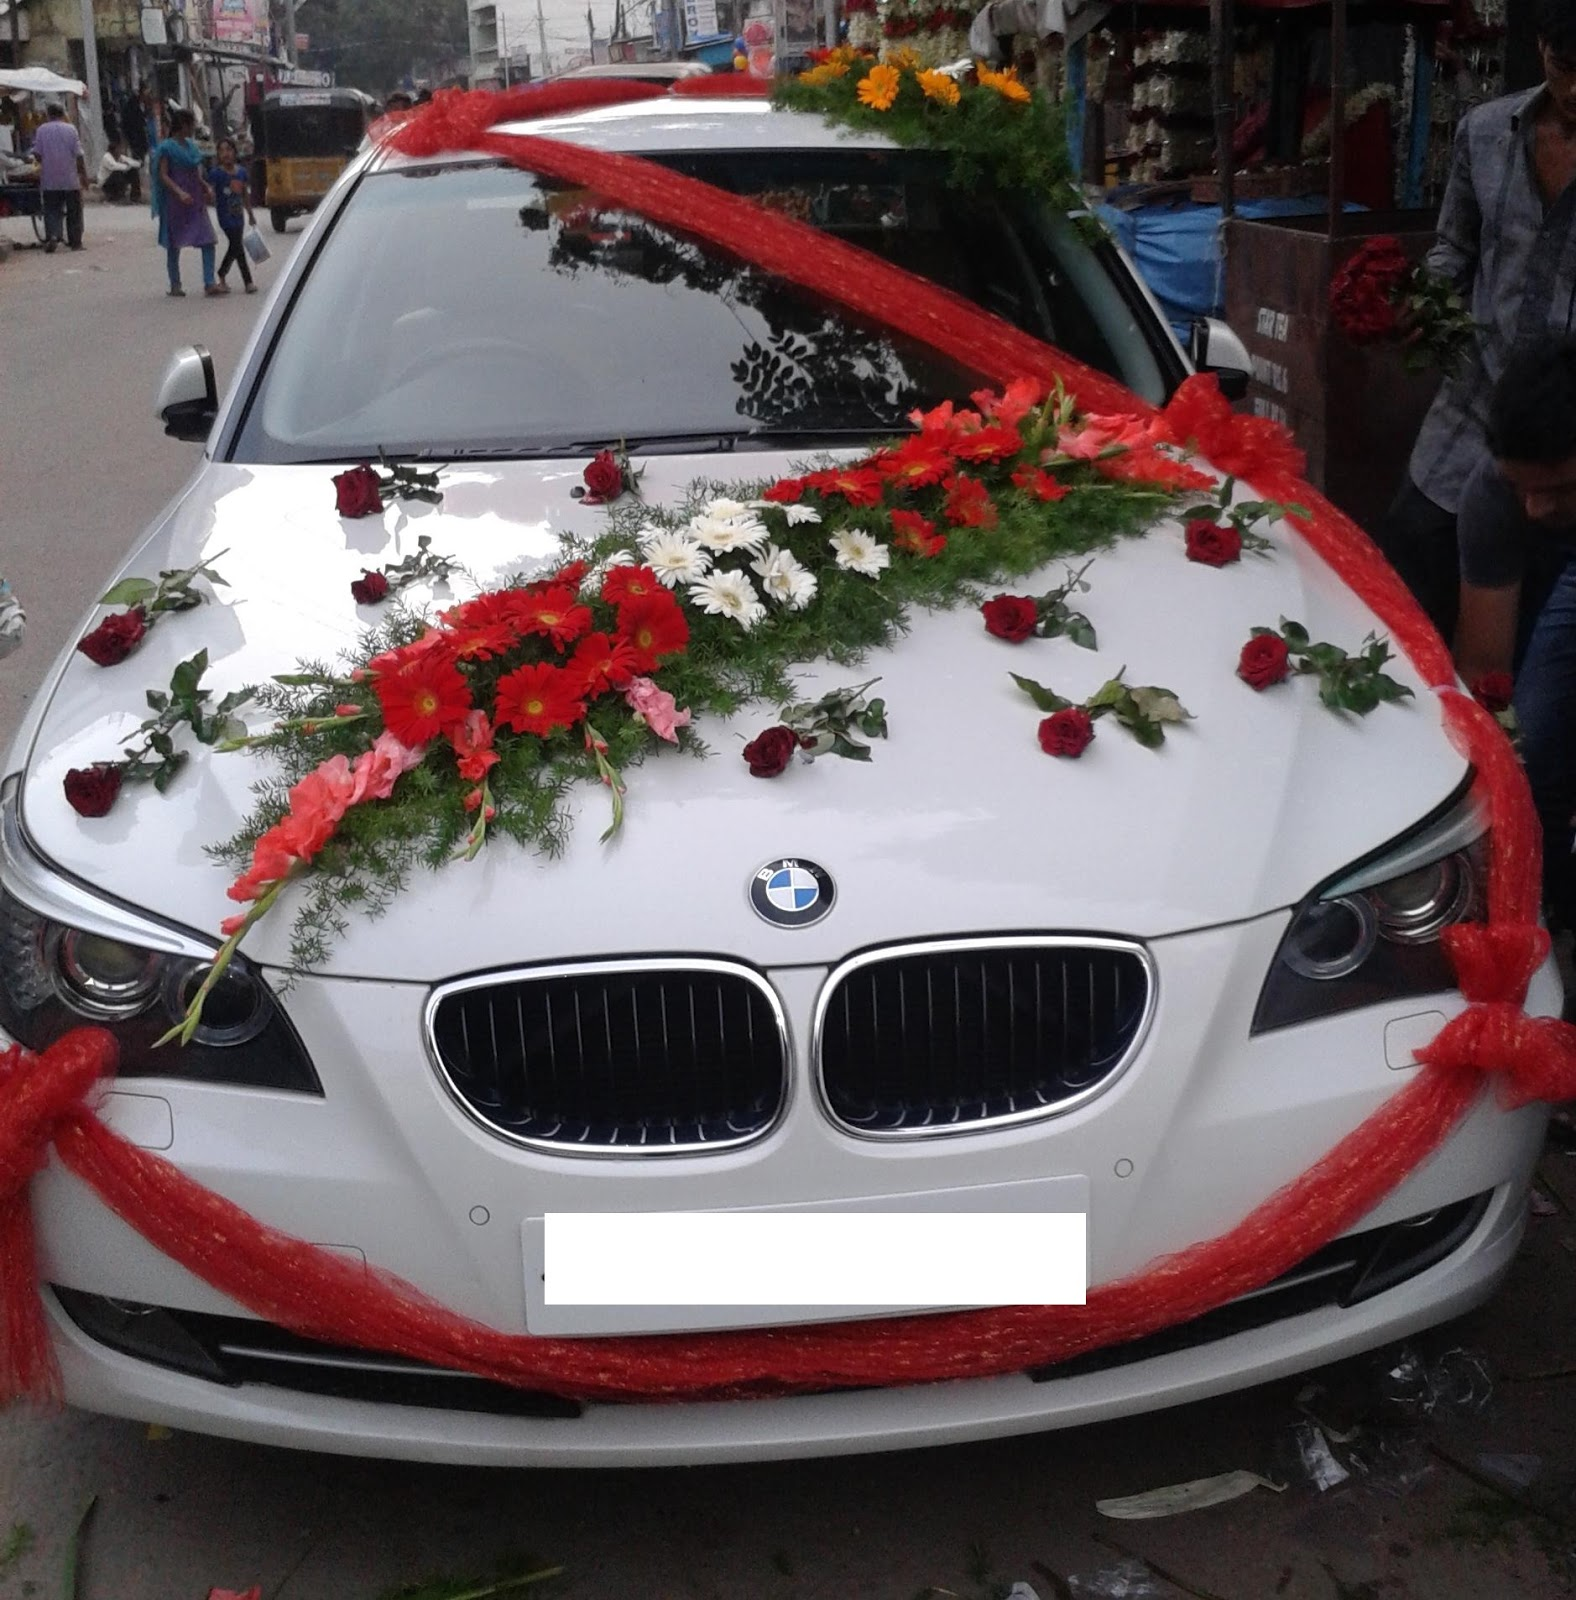 Wedding Car Decorators In Gurgaon Delhi Ncr Wedding Car Decoration